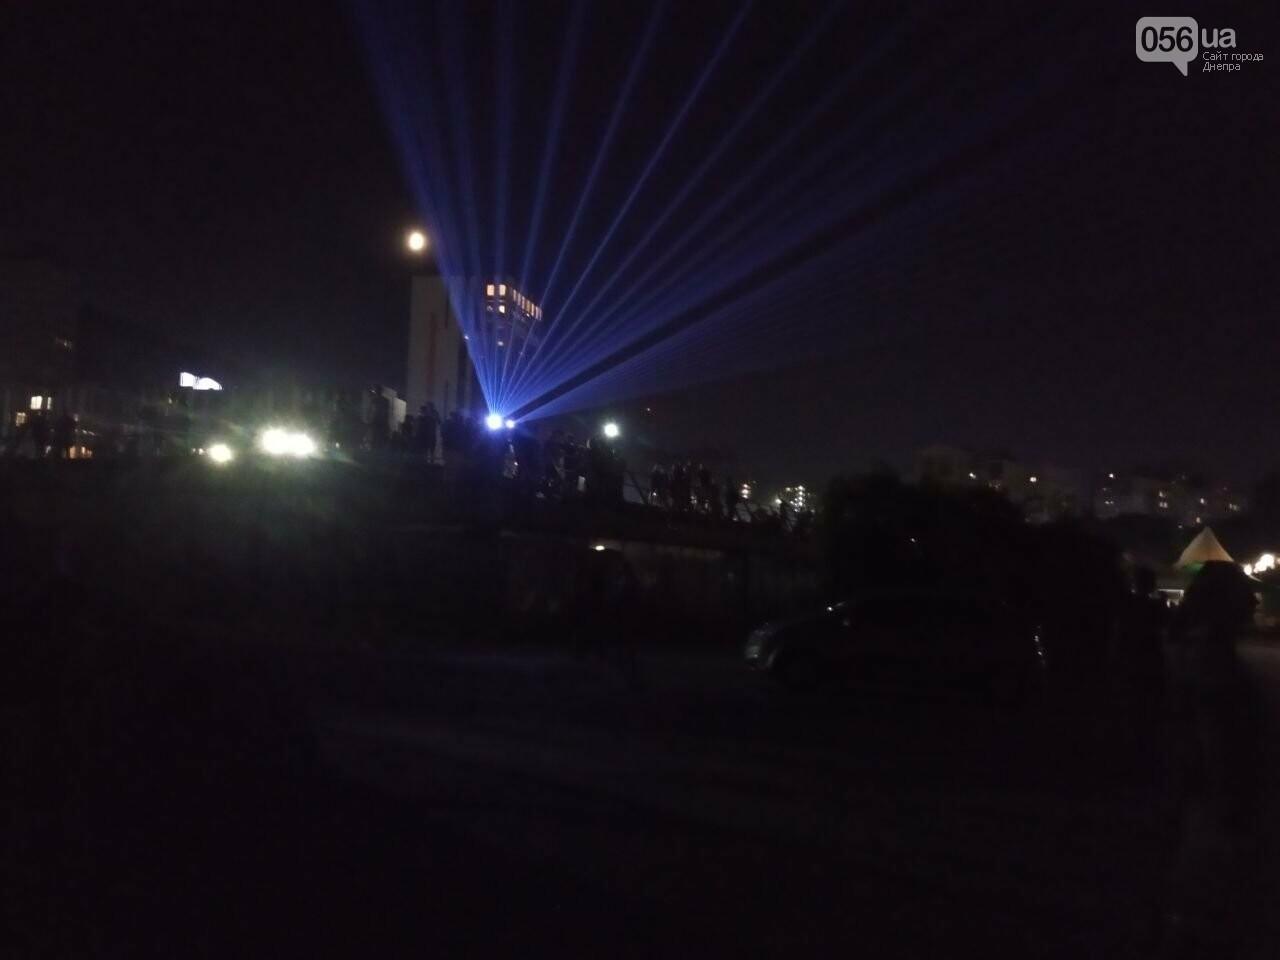 В Днепре возле Фестивального причала засветилась река, - ФОТО, ВИДЕО, фото-14